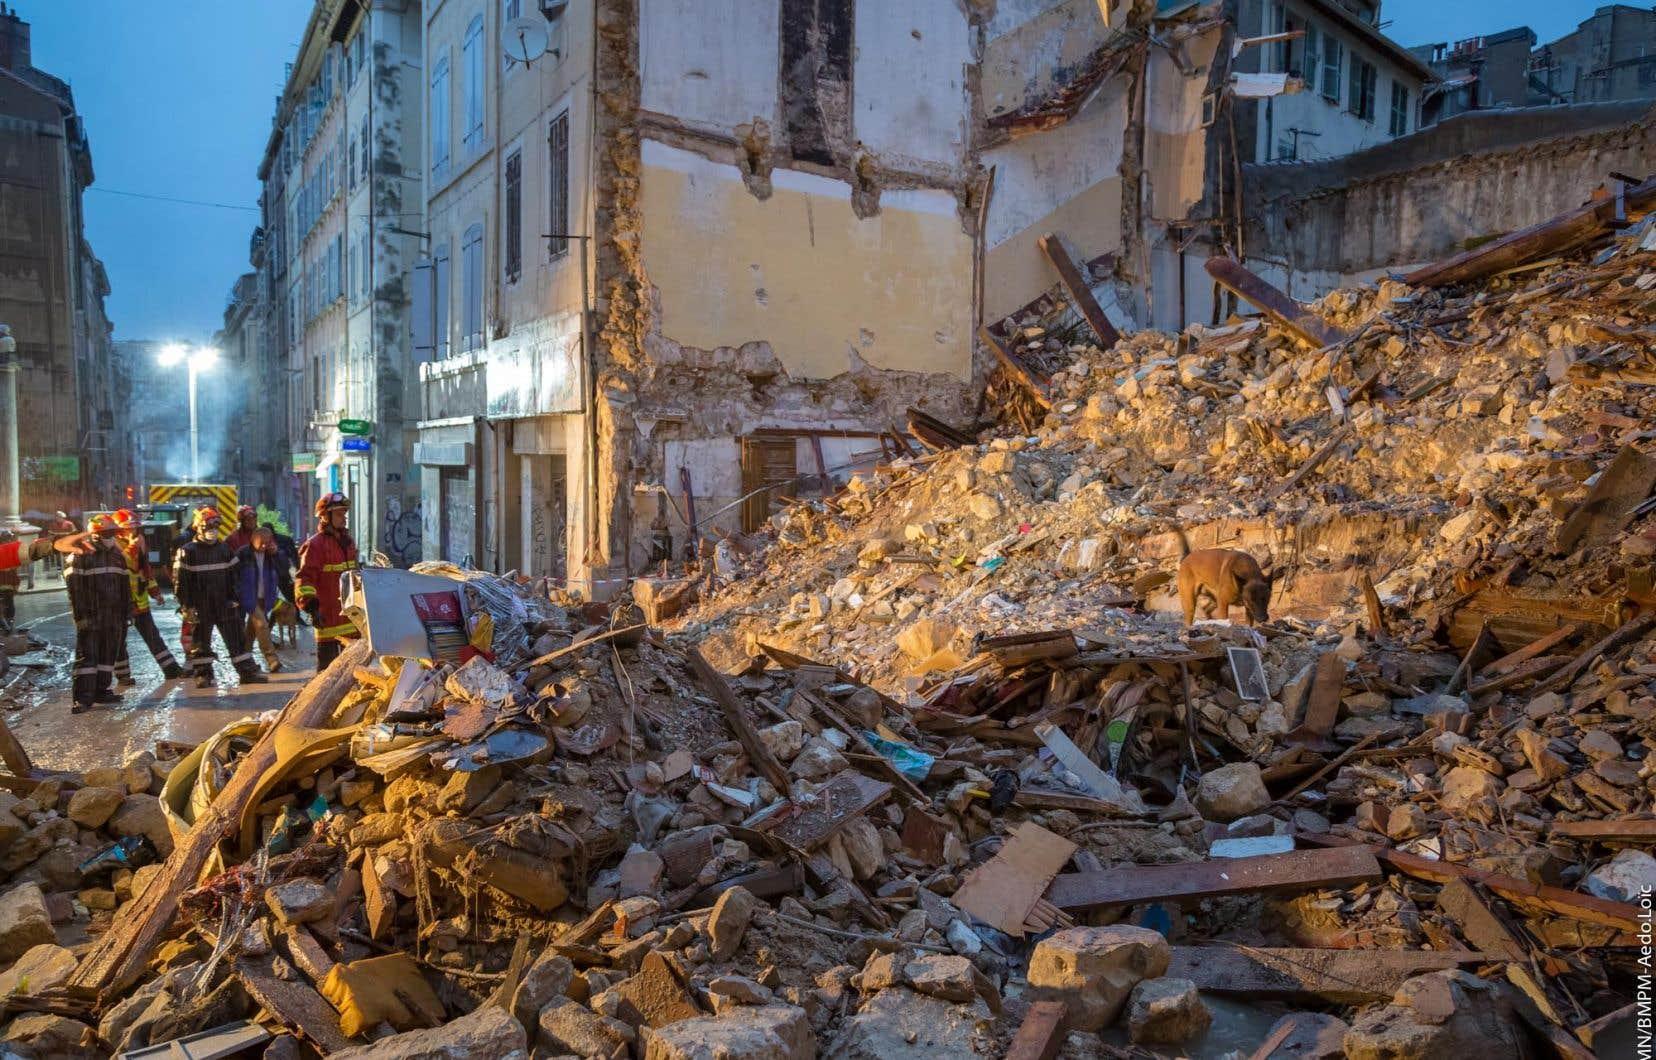 Après l'effondrement des deux bâtiments vétustes lundi matin, suivi de l'écroulement partiel d'un troisième bâtiment mitoyen en fin de journée, les secours tentent de retrouver des survivants.